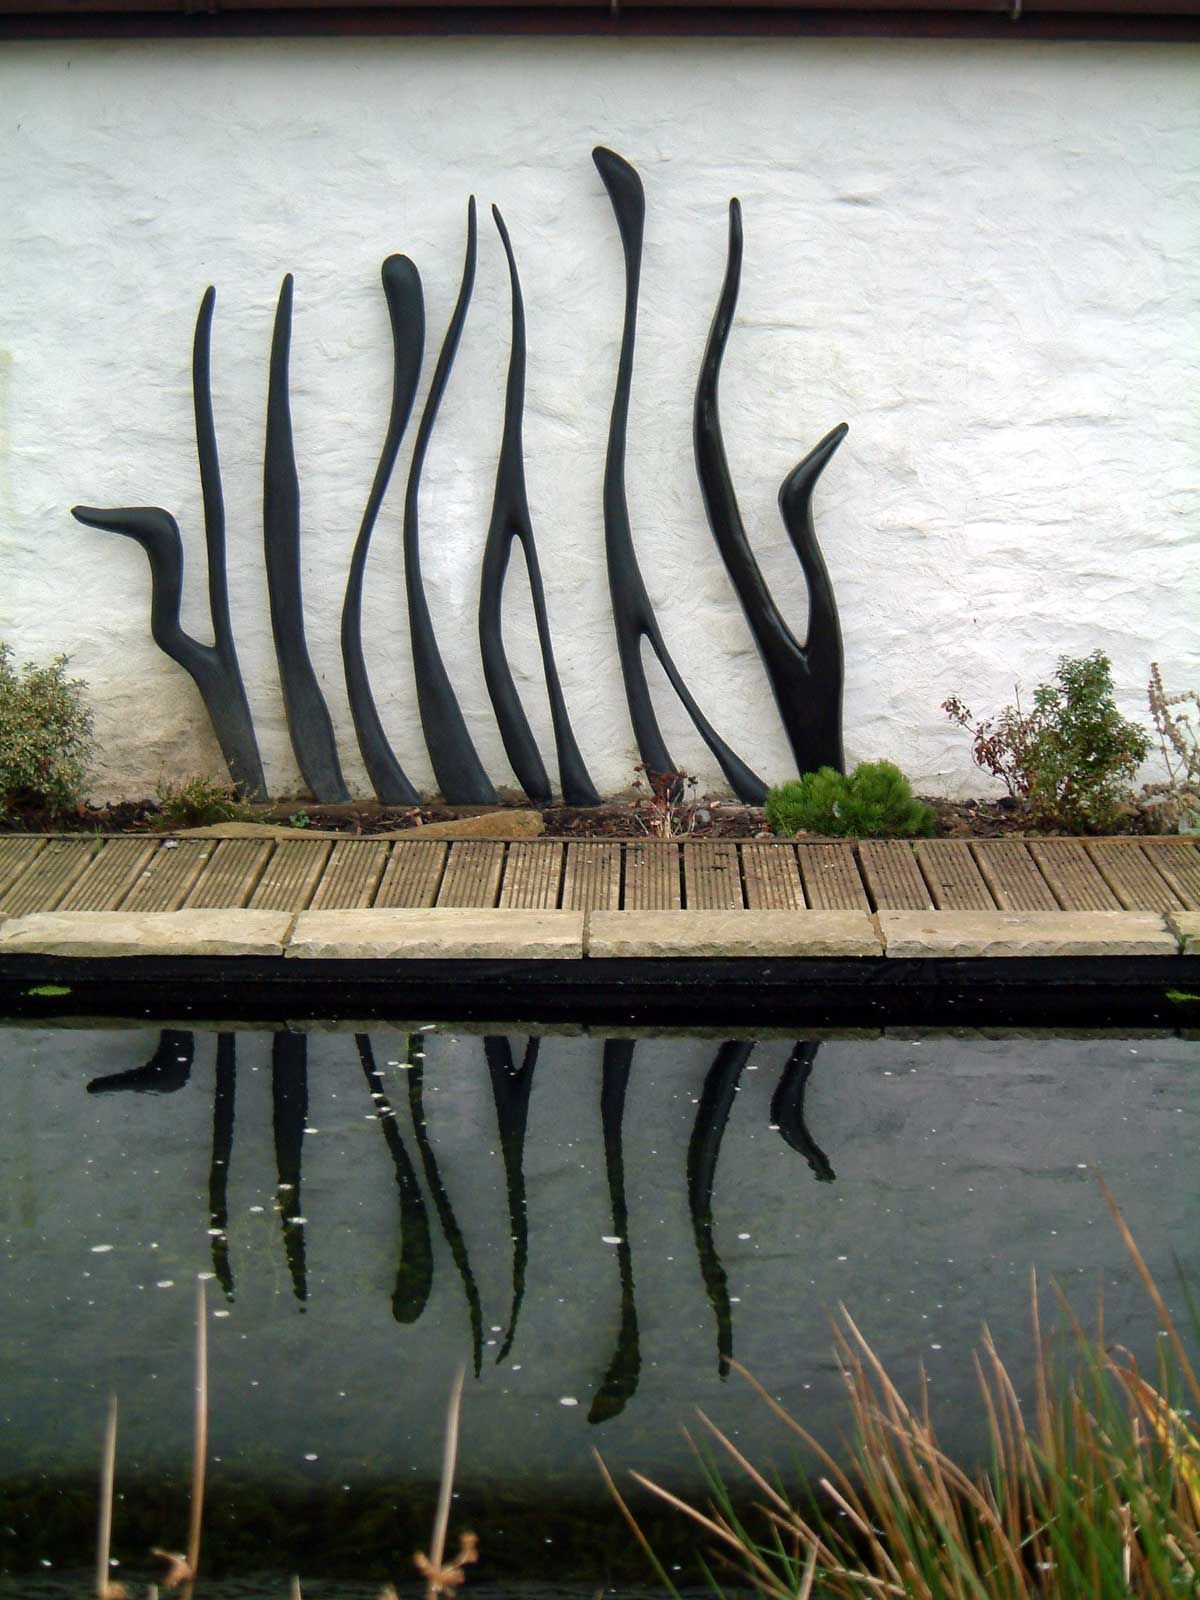 diy concrete garden sculpture - Google Search | garden | Pinterest ...